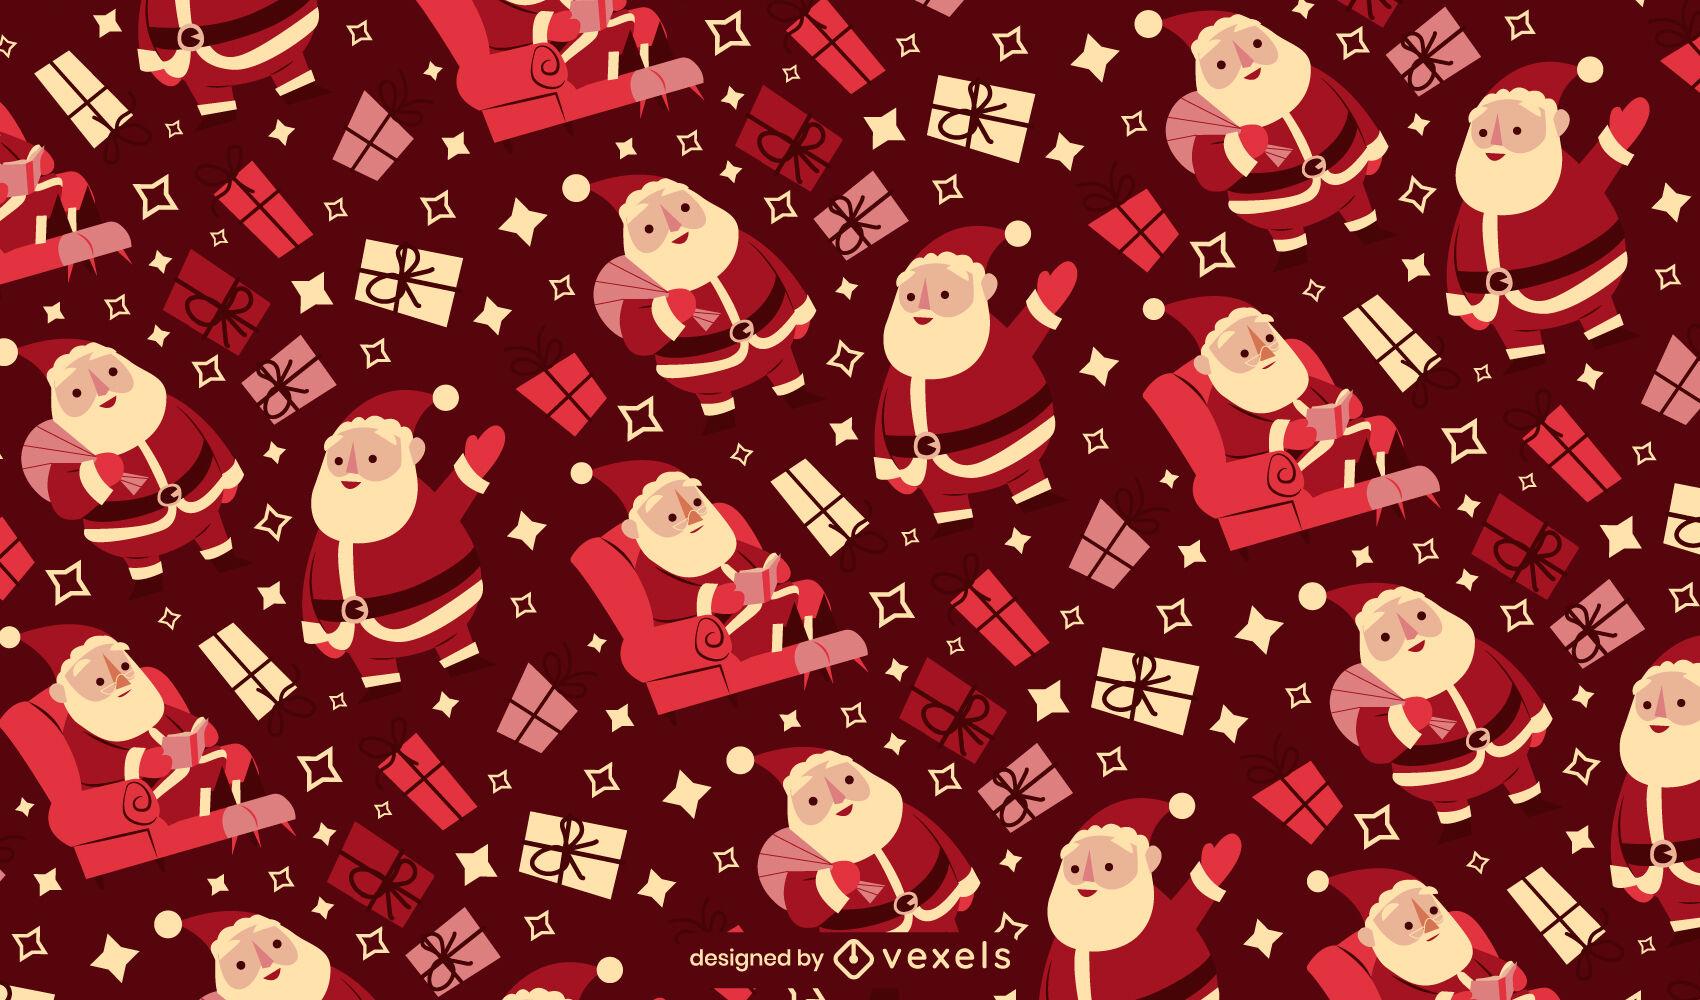 Projeto do padrão da temporada de Natal do Papai Noel